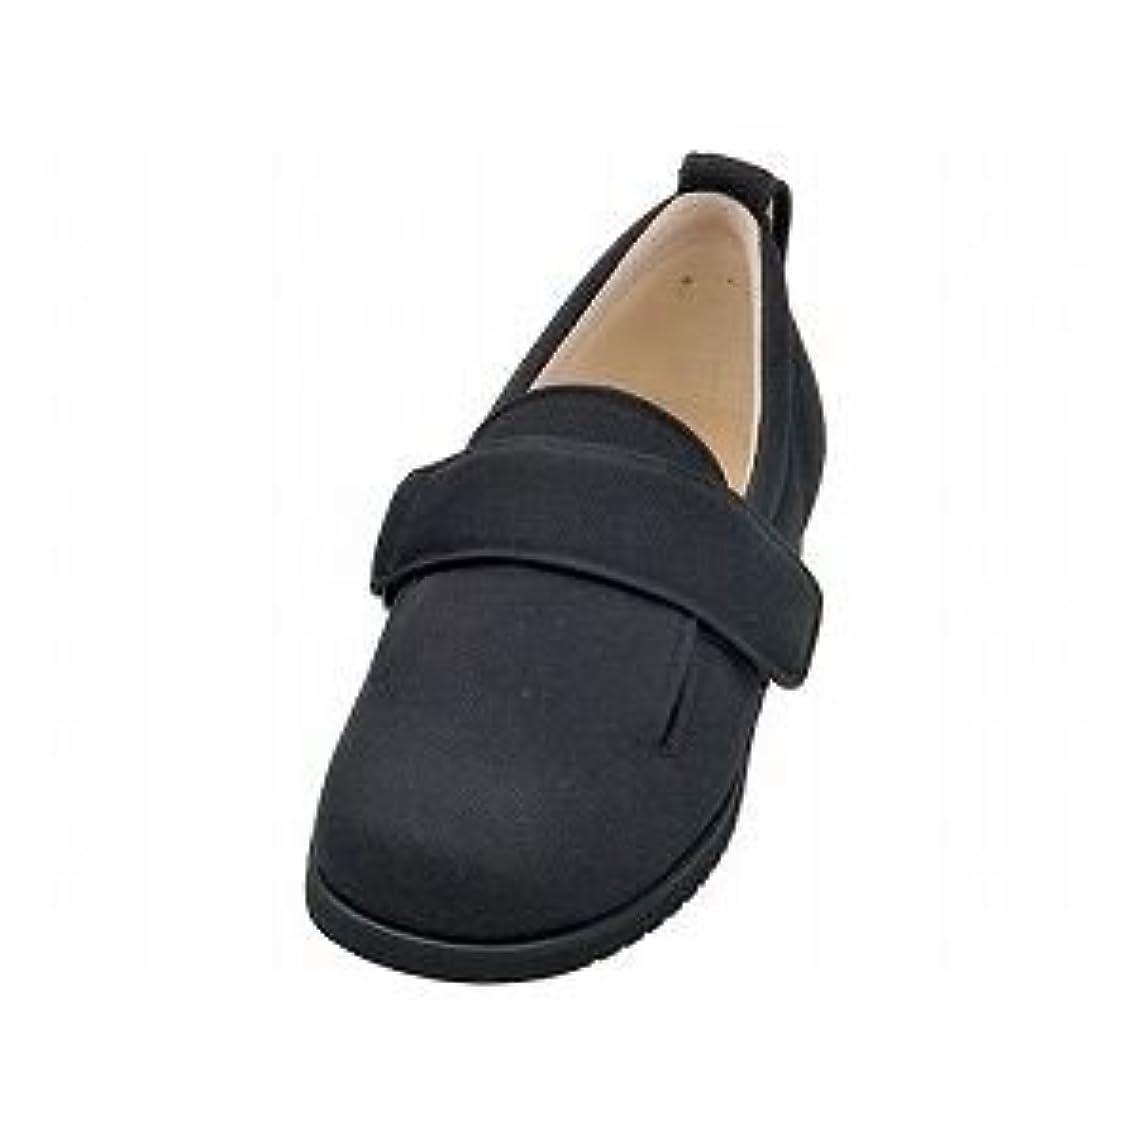 だらしない水っぽい入手します介護靴 施設?院内用 ダブルマジック2 3E 1017 片足 徳武産業 あゆみシリーズ /3L (25.0~25.5cm) ブラック 左足